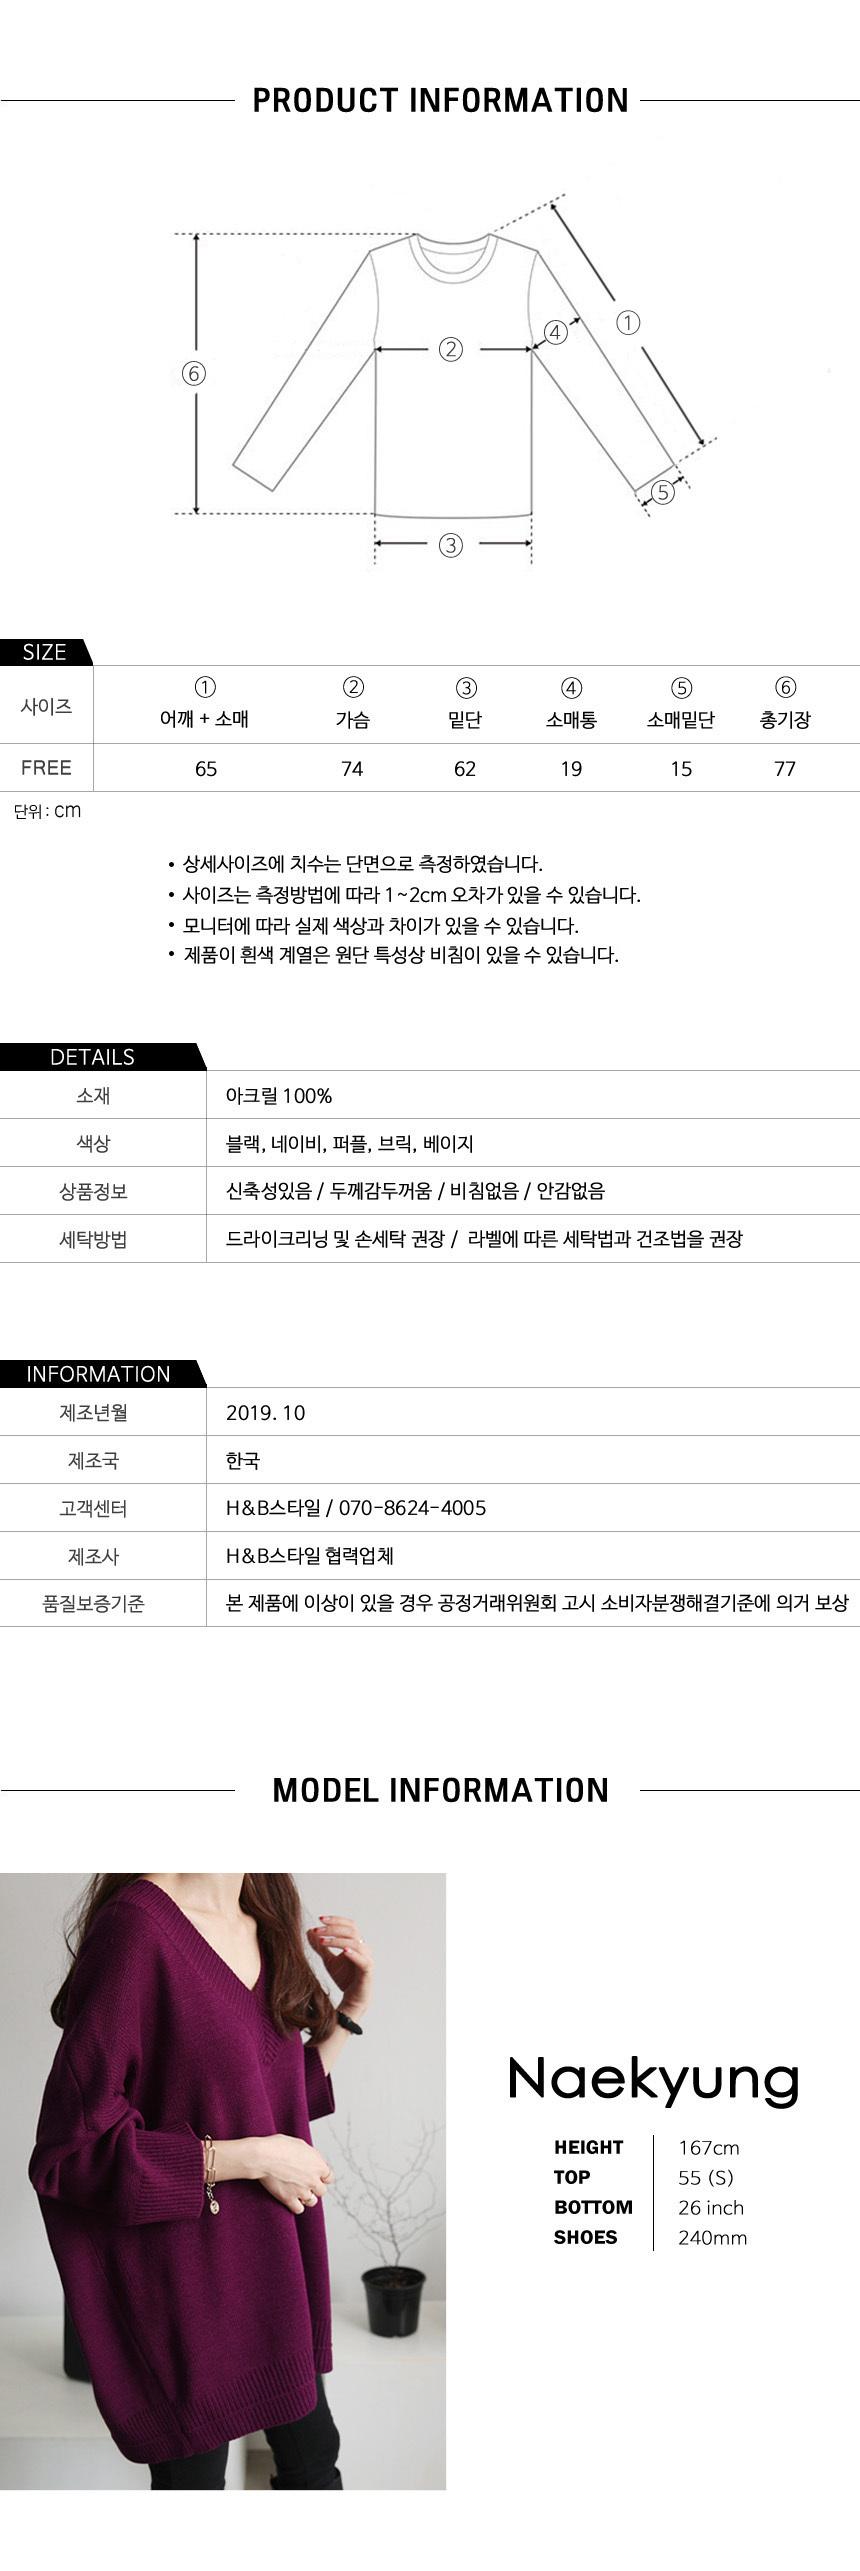 베르 브이 루즈핏 니트 - 하늘바라기, 31,900원, 상의, 니트/스웨터